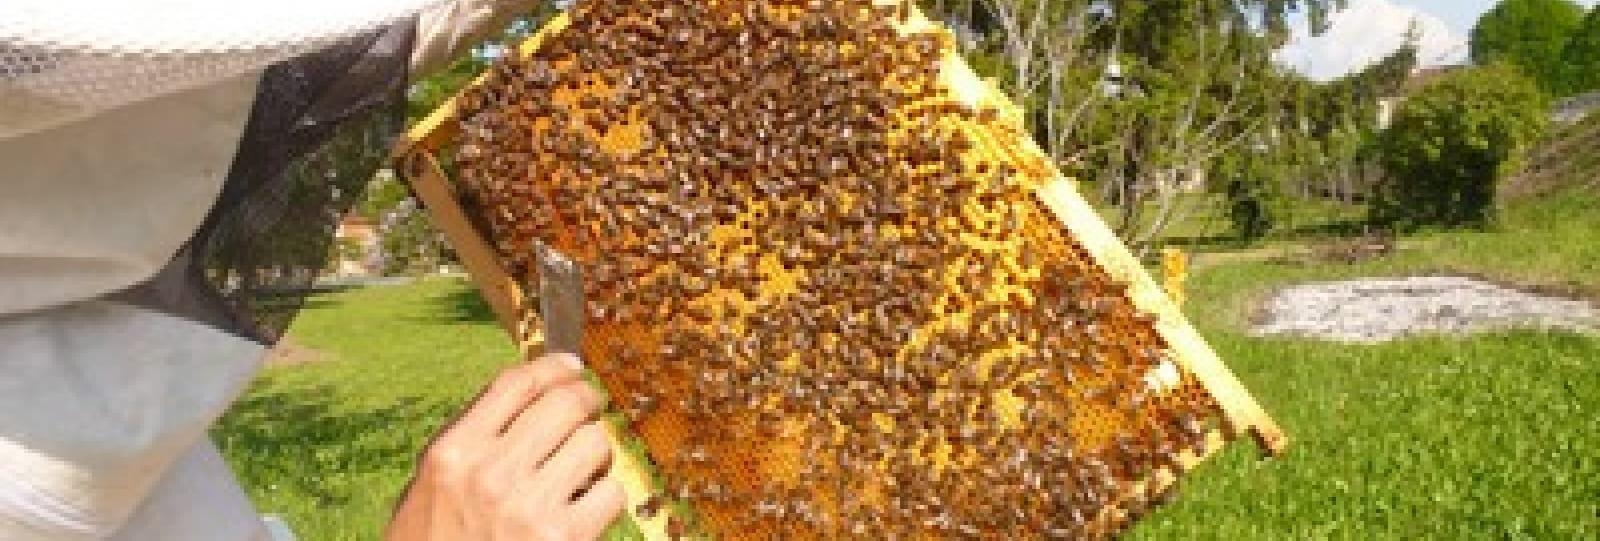 Les ruches de la Bayarde